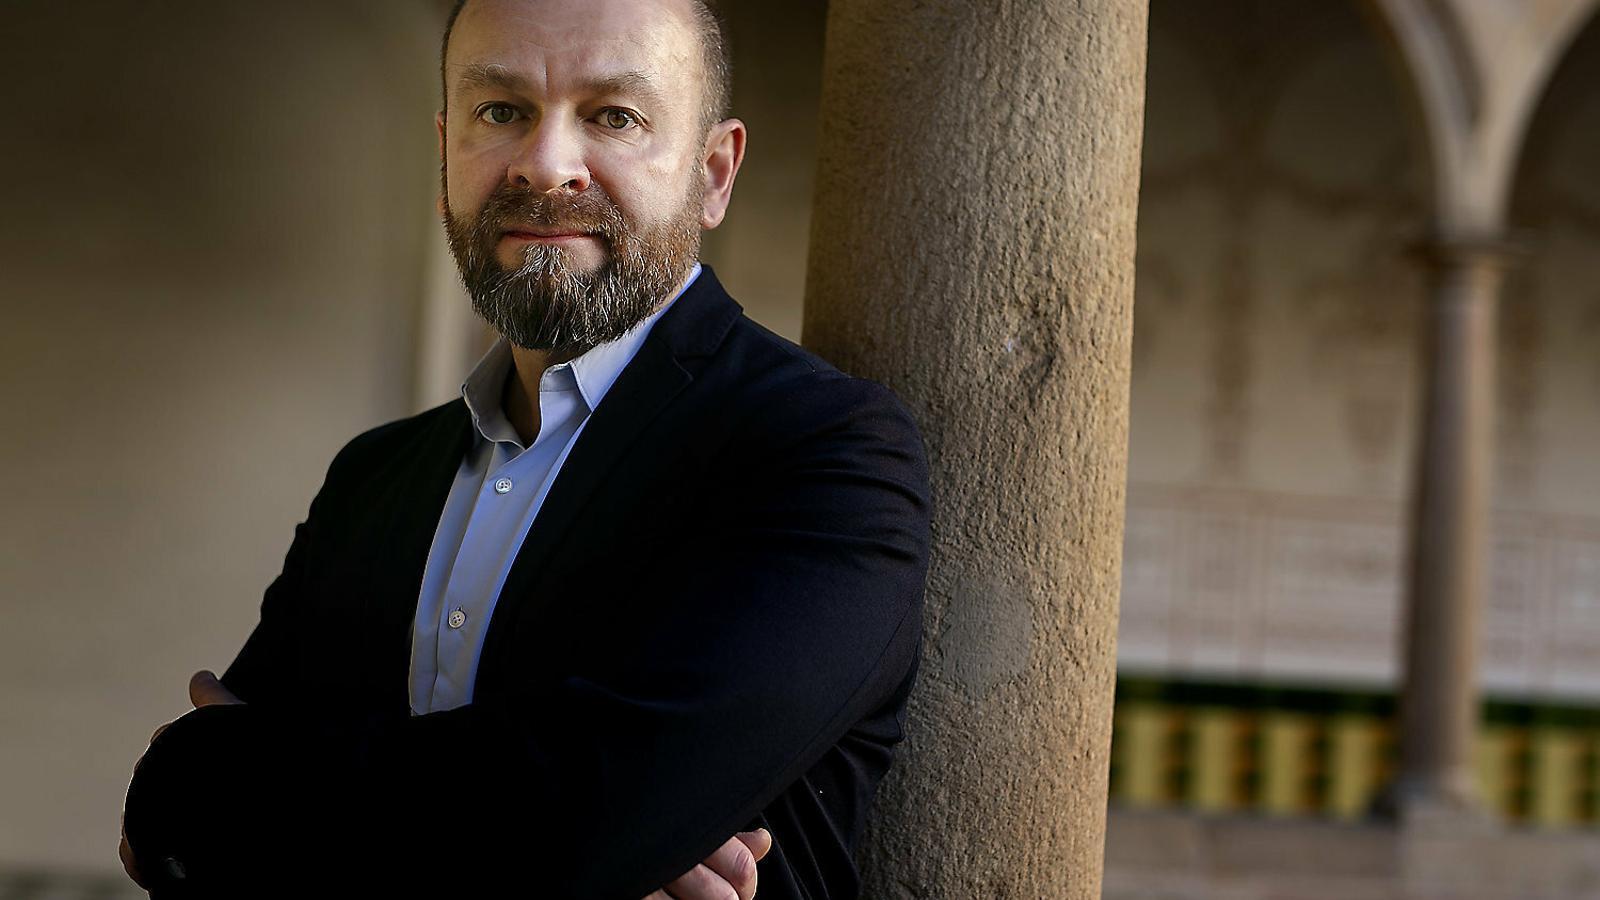 Neil Datta és el secretari del Fòrum Parlamentari Europeu  per als Drets Sexuals i Reproductius (EPF) des del 2004.